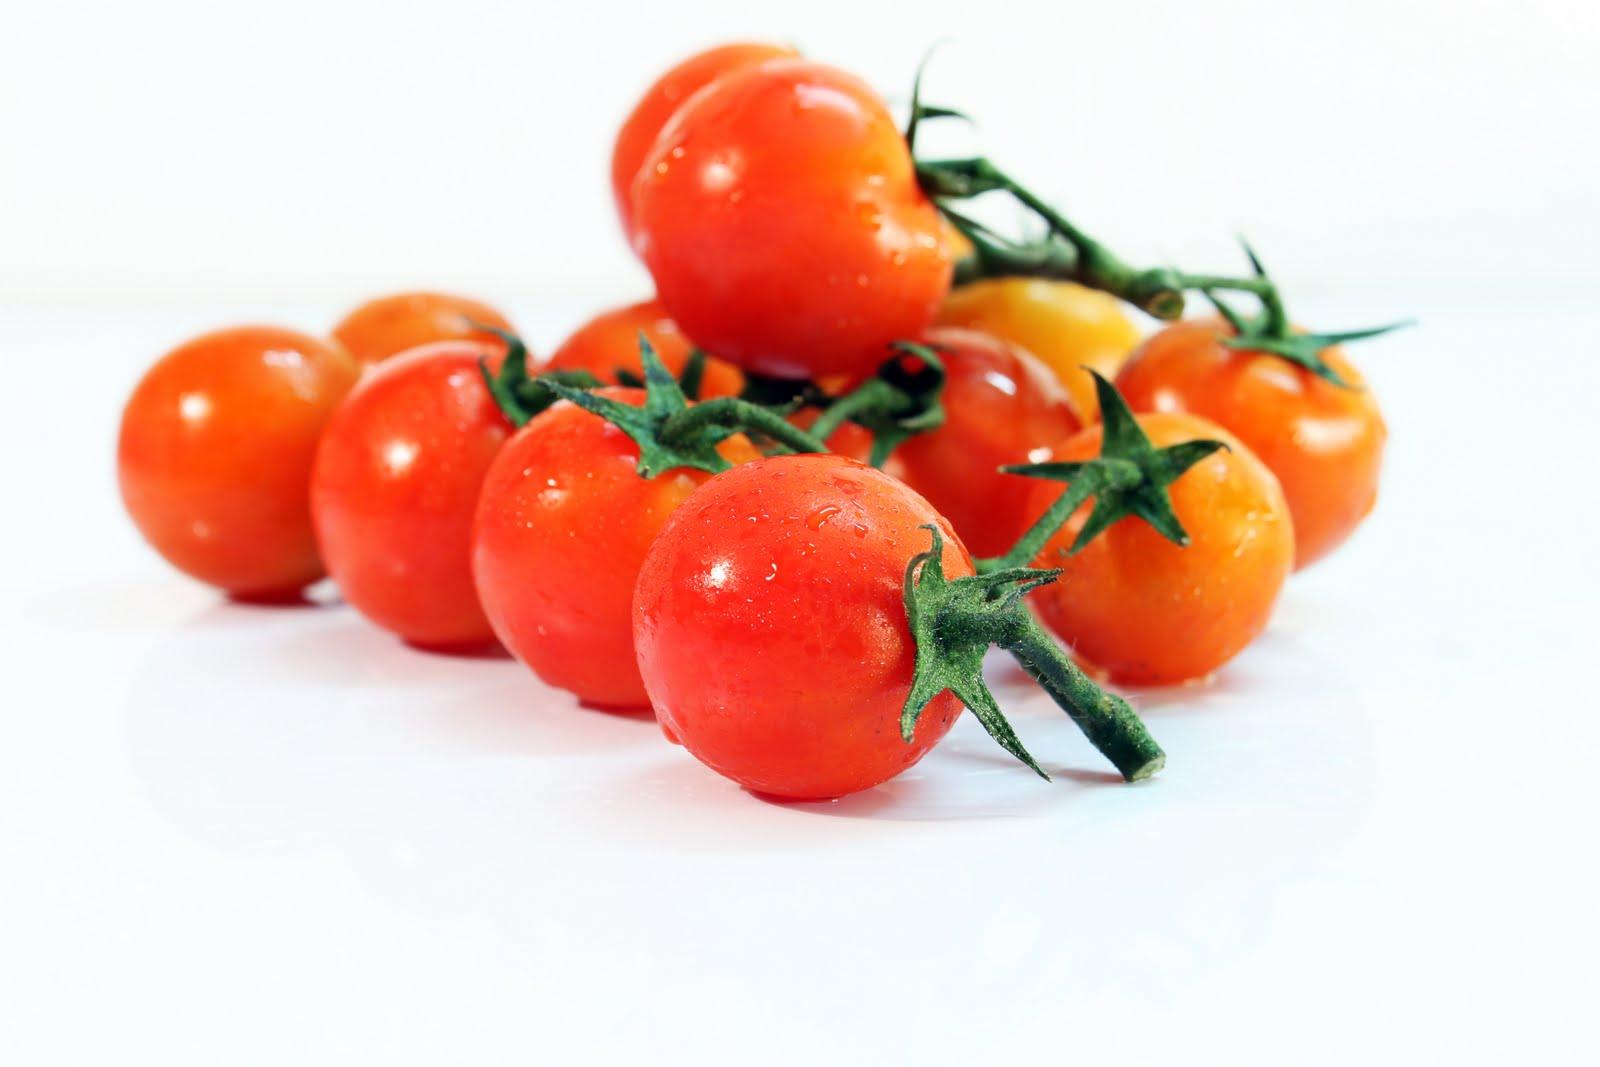 تفسير حلم الطماطم للرجل